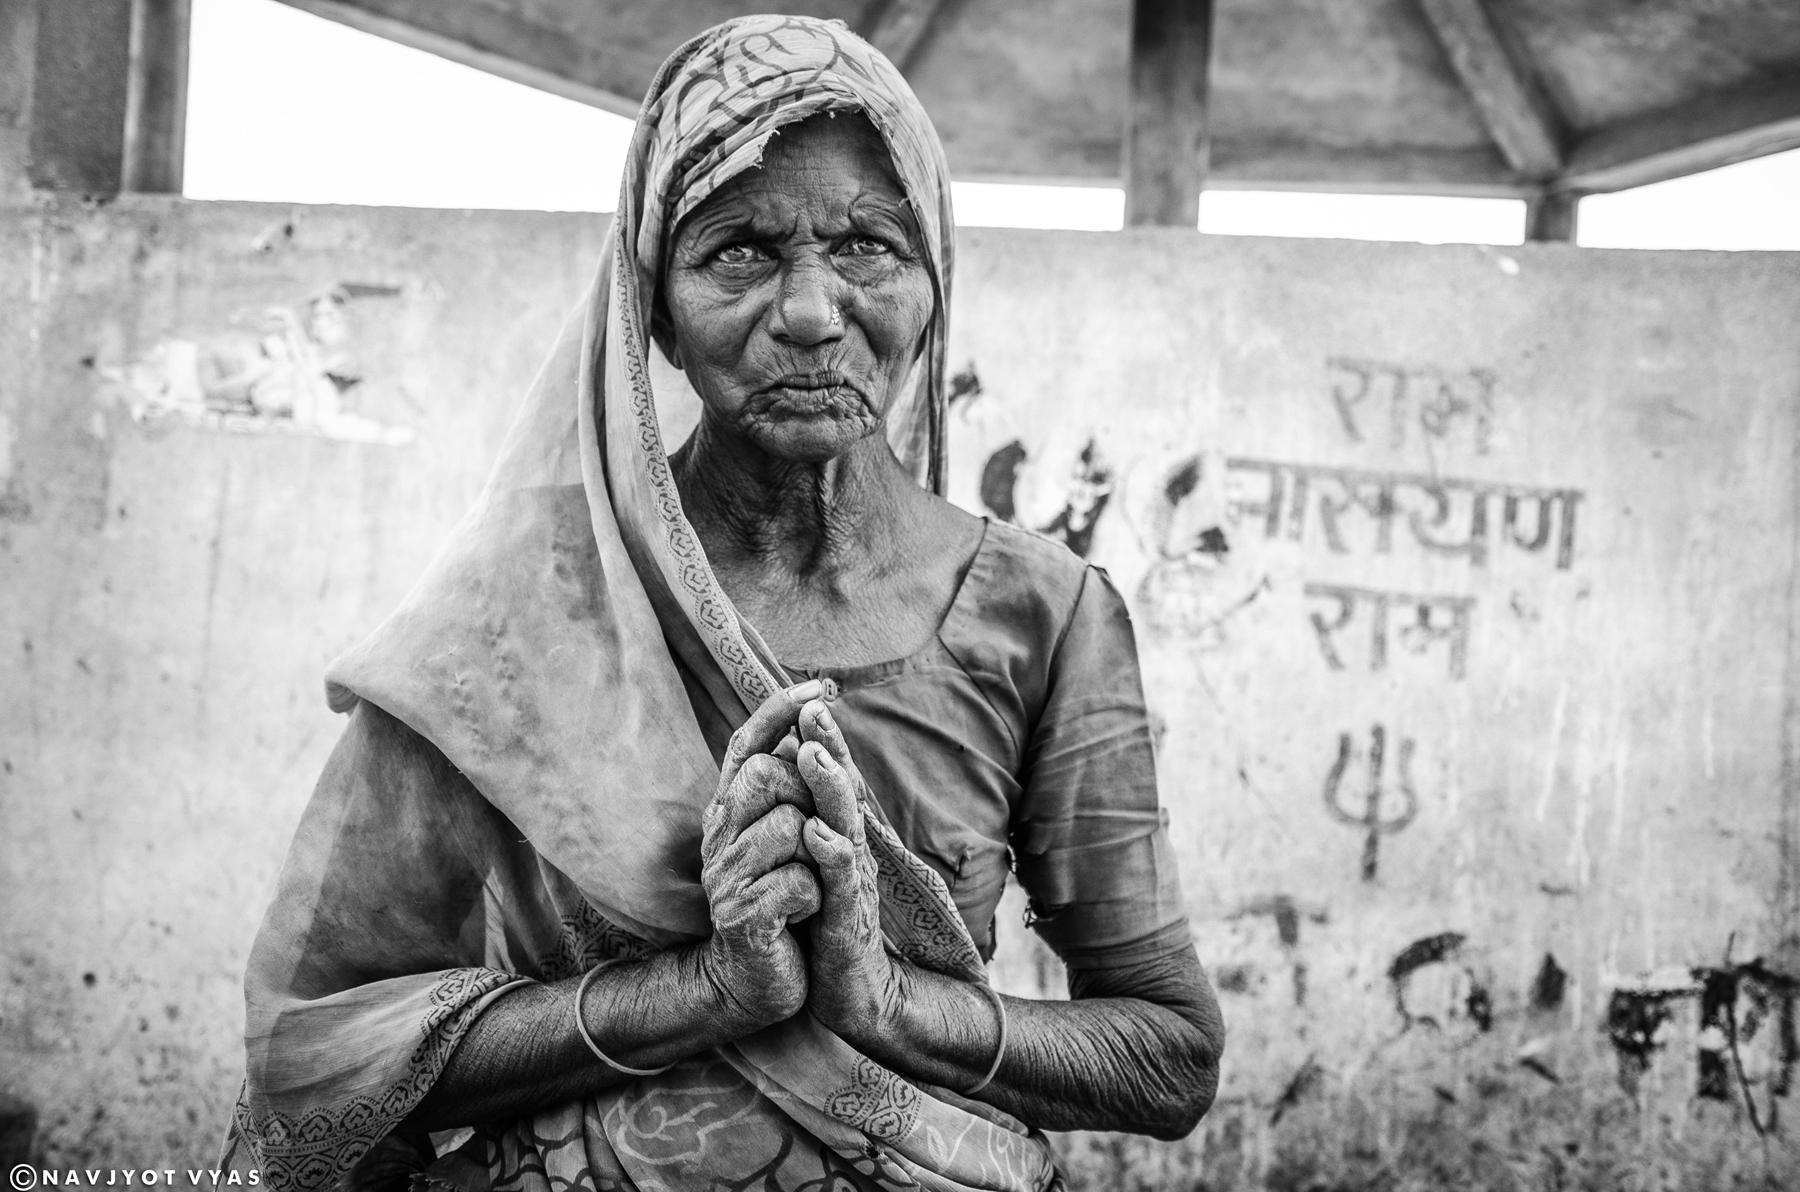 """Fotografii s názvem Ve jménu Boha pořídil NaFotografie s názvem Ve jménu Boha pořídil Navjyot Vyas po cestě domů z práce. Žebrající žena prosící o almužnu """"ve jménu Boha"""" stála shodou náhod před zdí s Božími nápisy - Navjyot rychle zabrzdil své kolo a zachytil tento silný moment.vjyot Vyas po cestě domů z práce. Žebrající žena prosící o almužnu """"ve jménu Boha"""" stála shodou náhod před zdí s Božími nápisy - Navjot tedy zaparkoval své kolo a zachytil tento silný moment. Foto: Navjyot Vyas"""